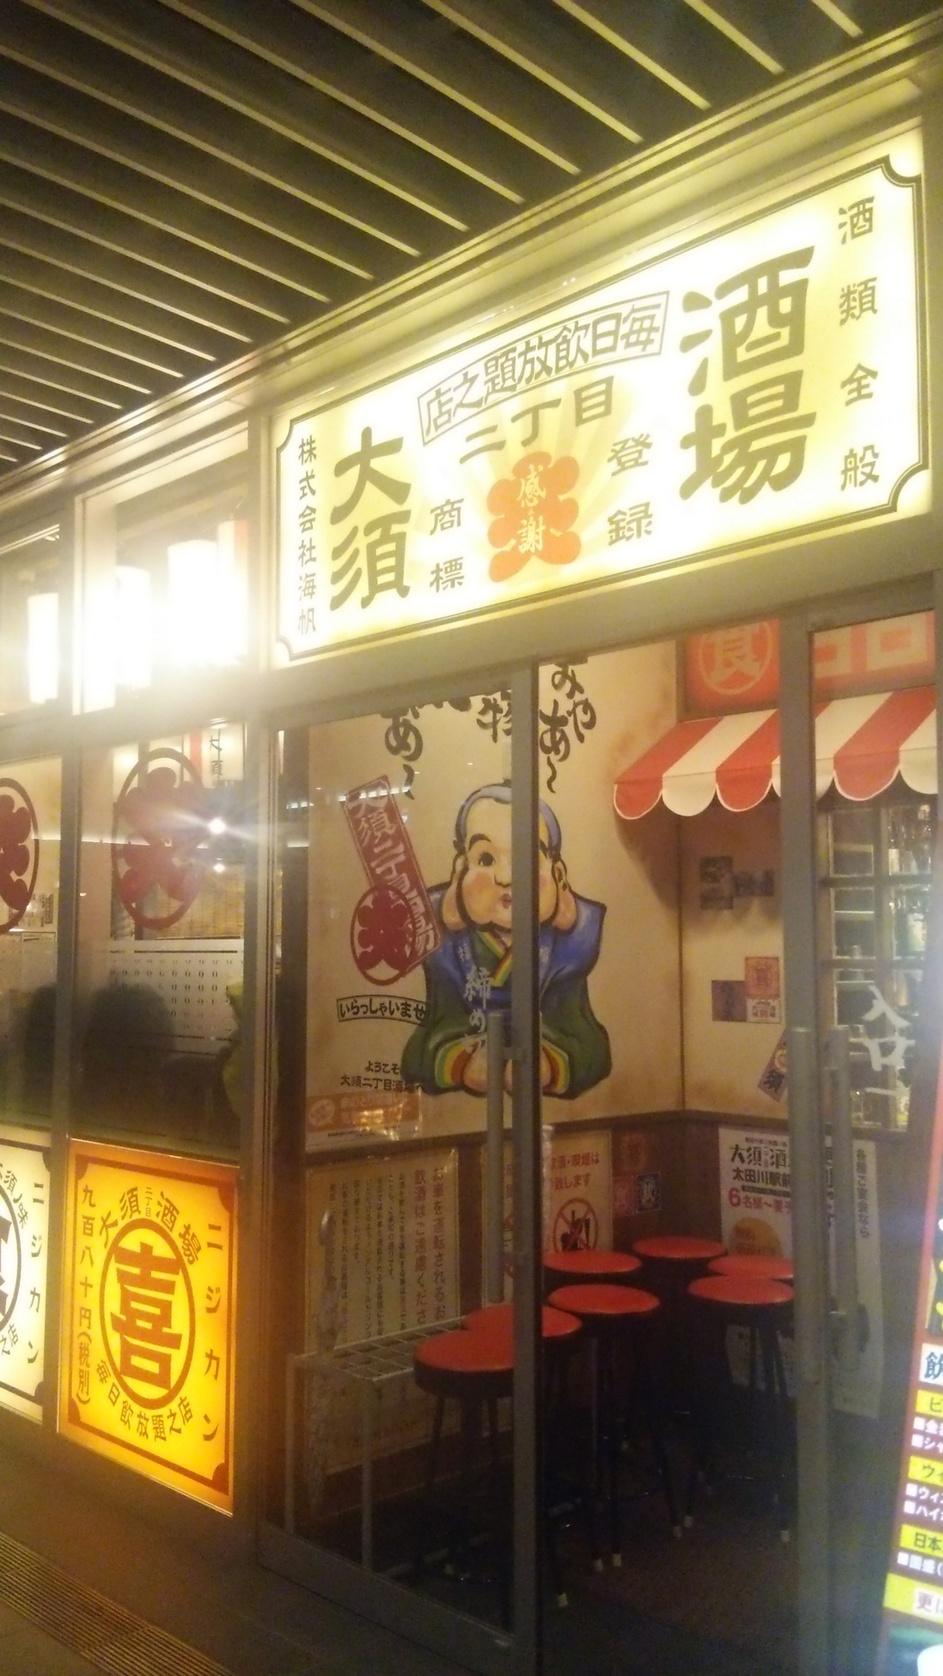 大須二丁目酒場 太田川駅前店